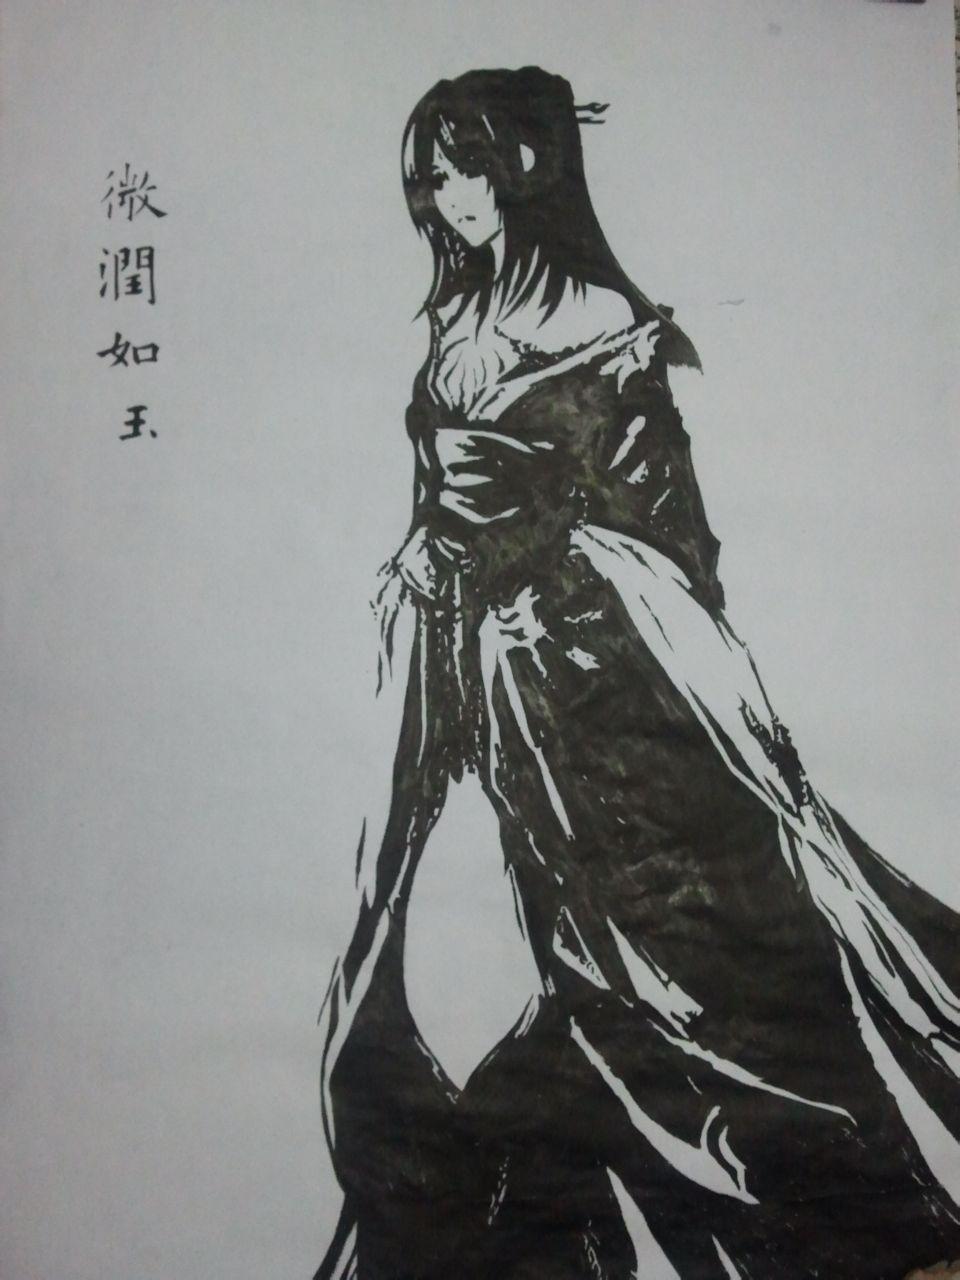 仙剑奇侠传4柳梦璃毛笔画图